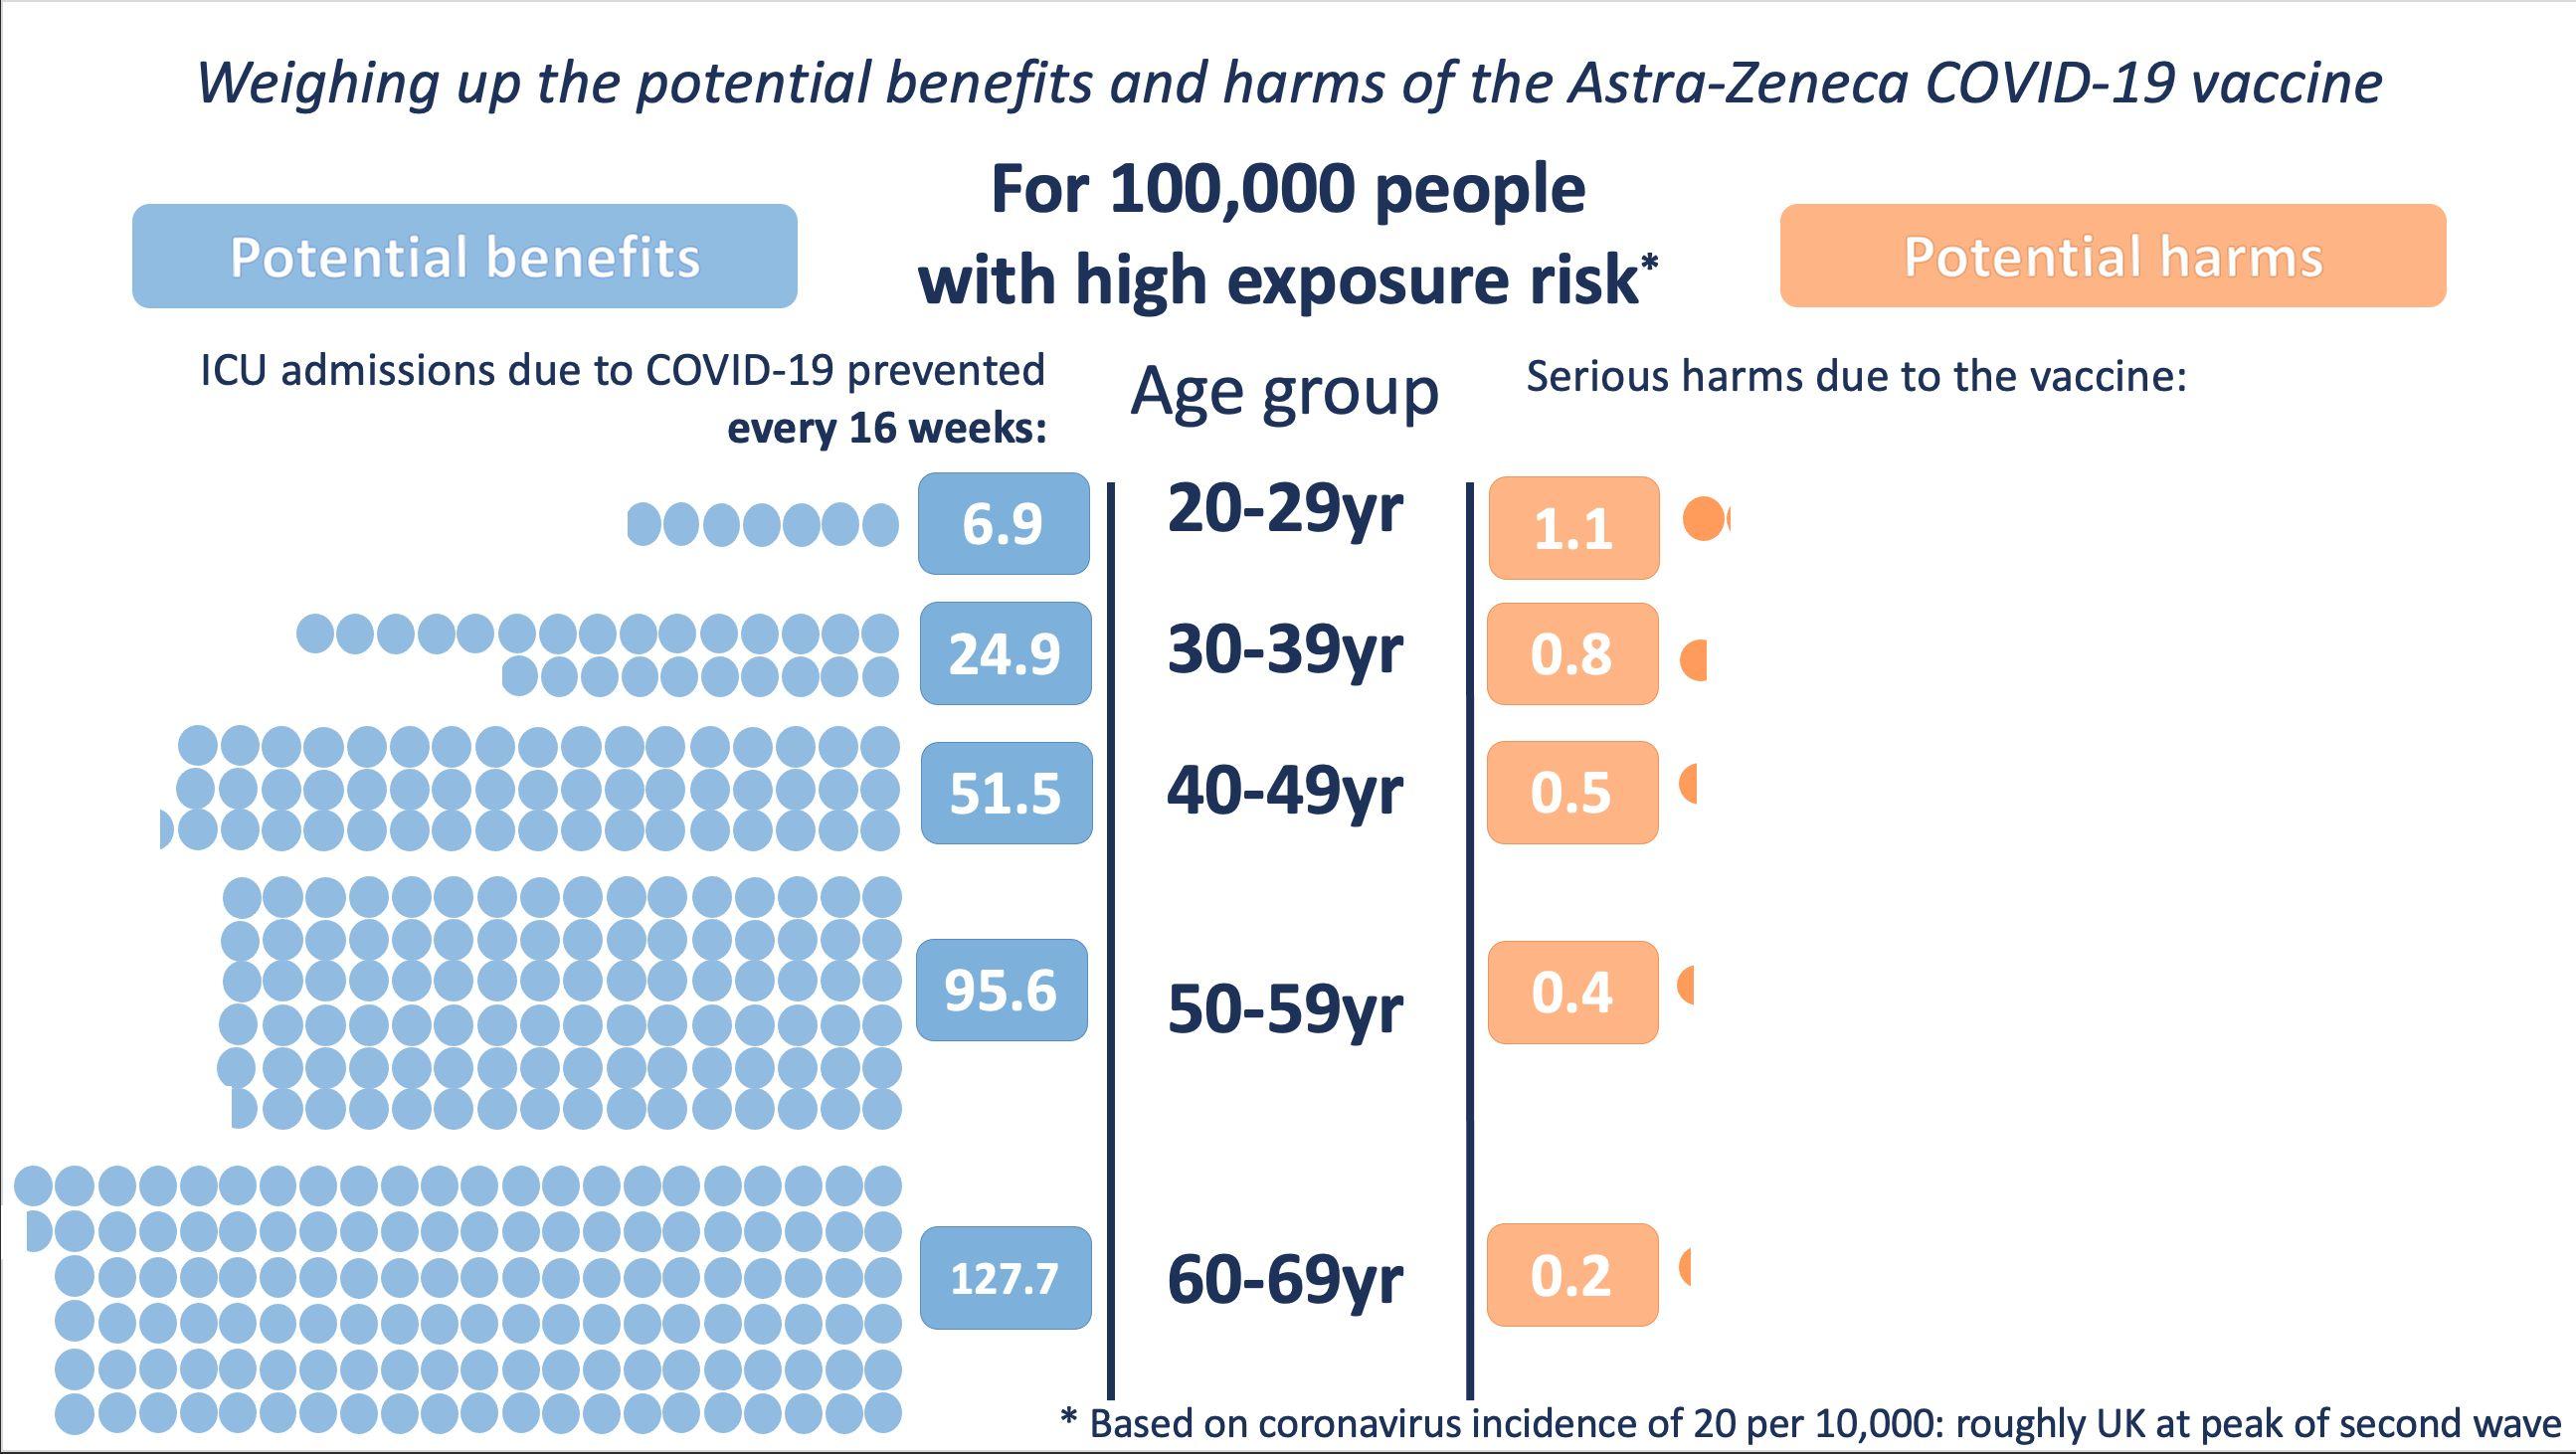 (Exposición alta de riesgo) Balance de beneficios (izquierda) y riesgos (derecha) de la vacuna AZ en función de la edad   Winton Centre for Risk and Evidence Communication de la Universidad de Cambridge con datos de MHRA